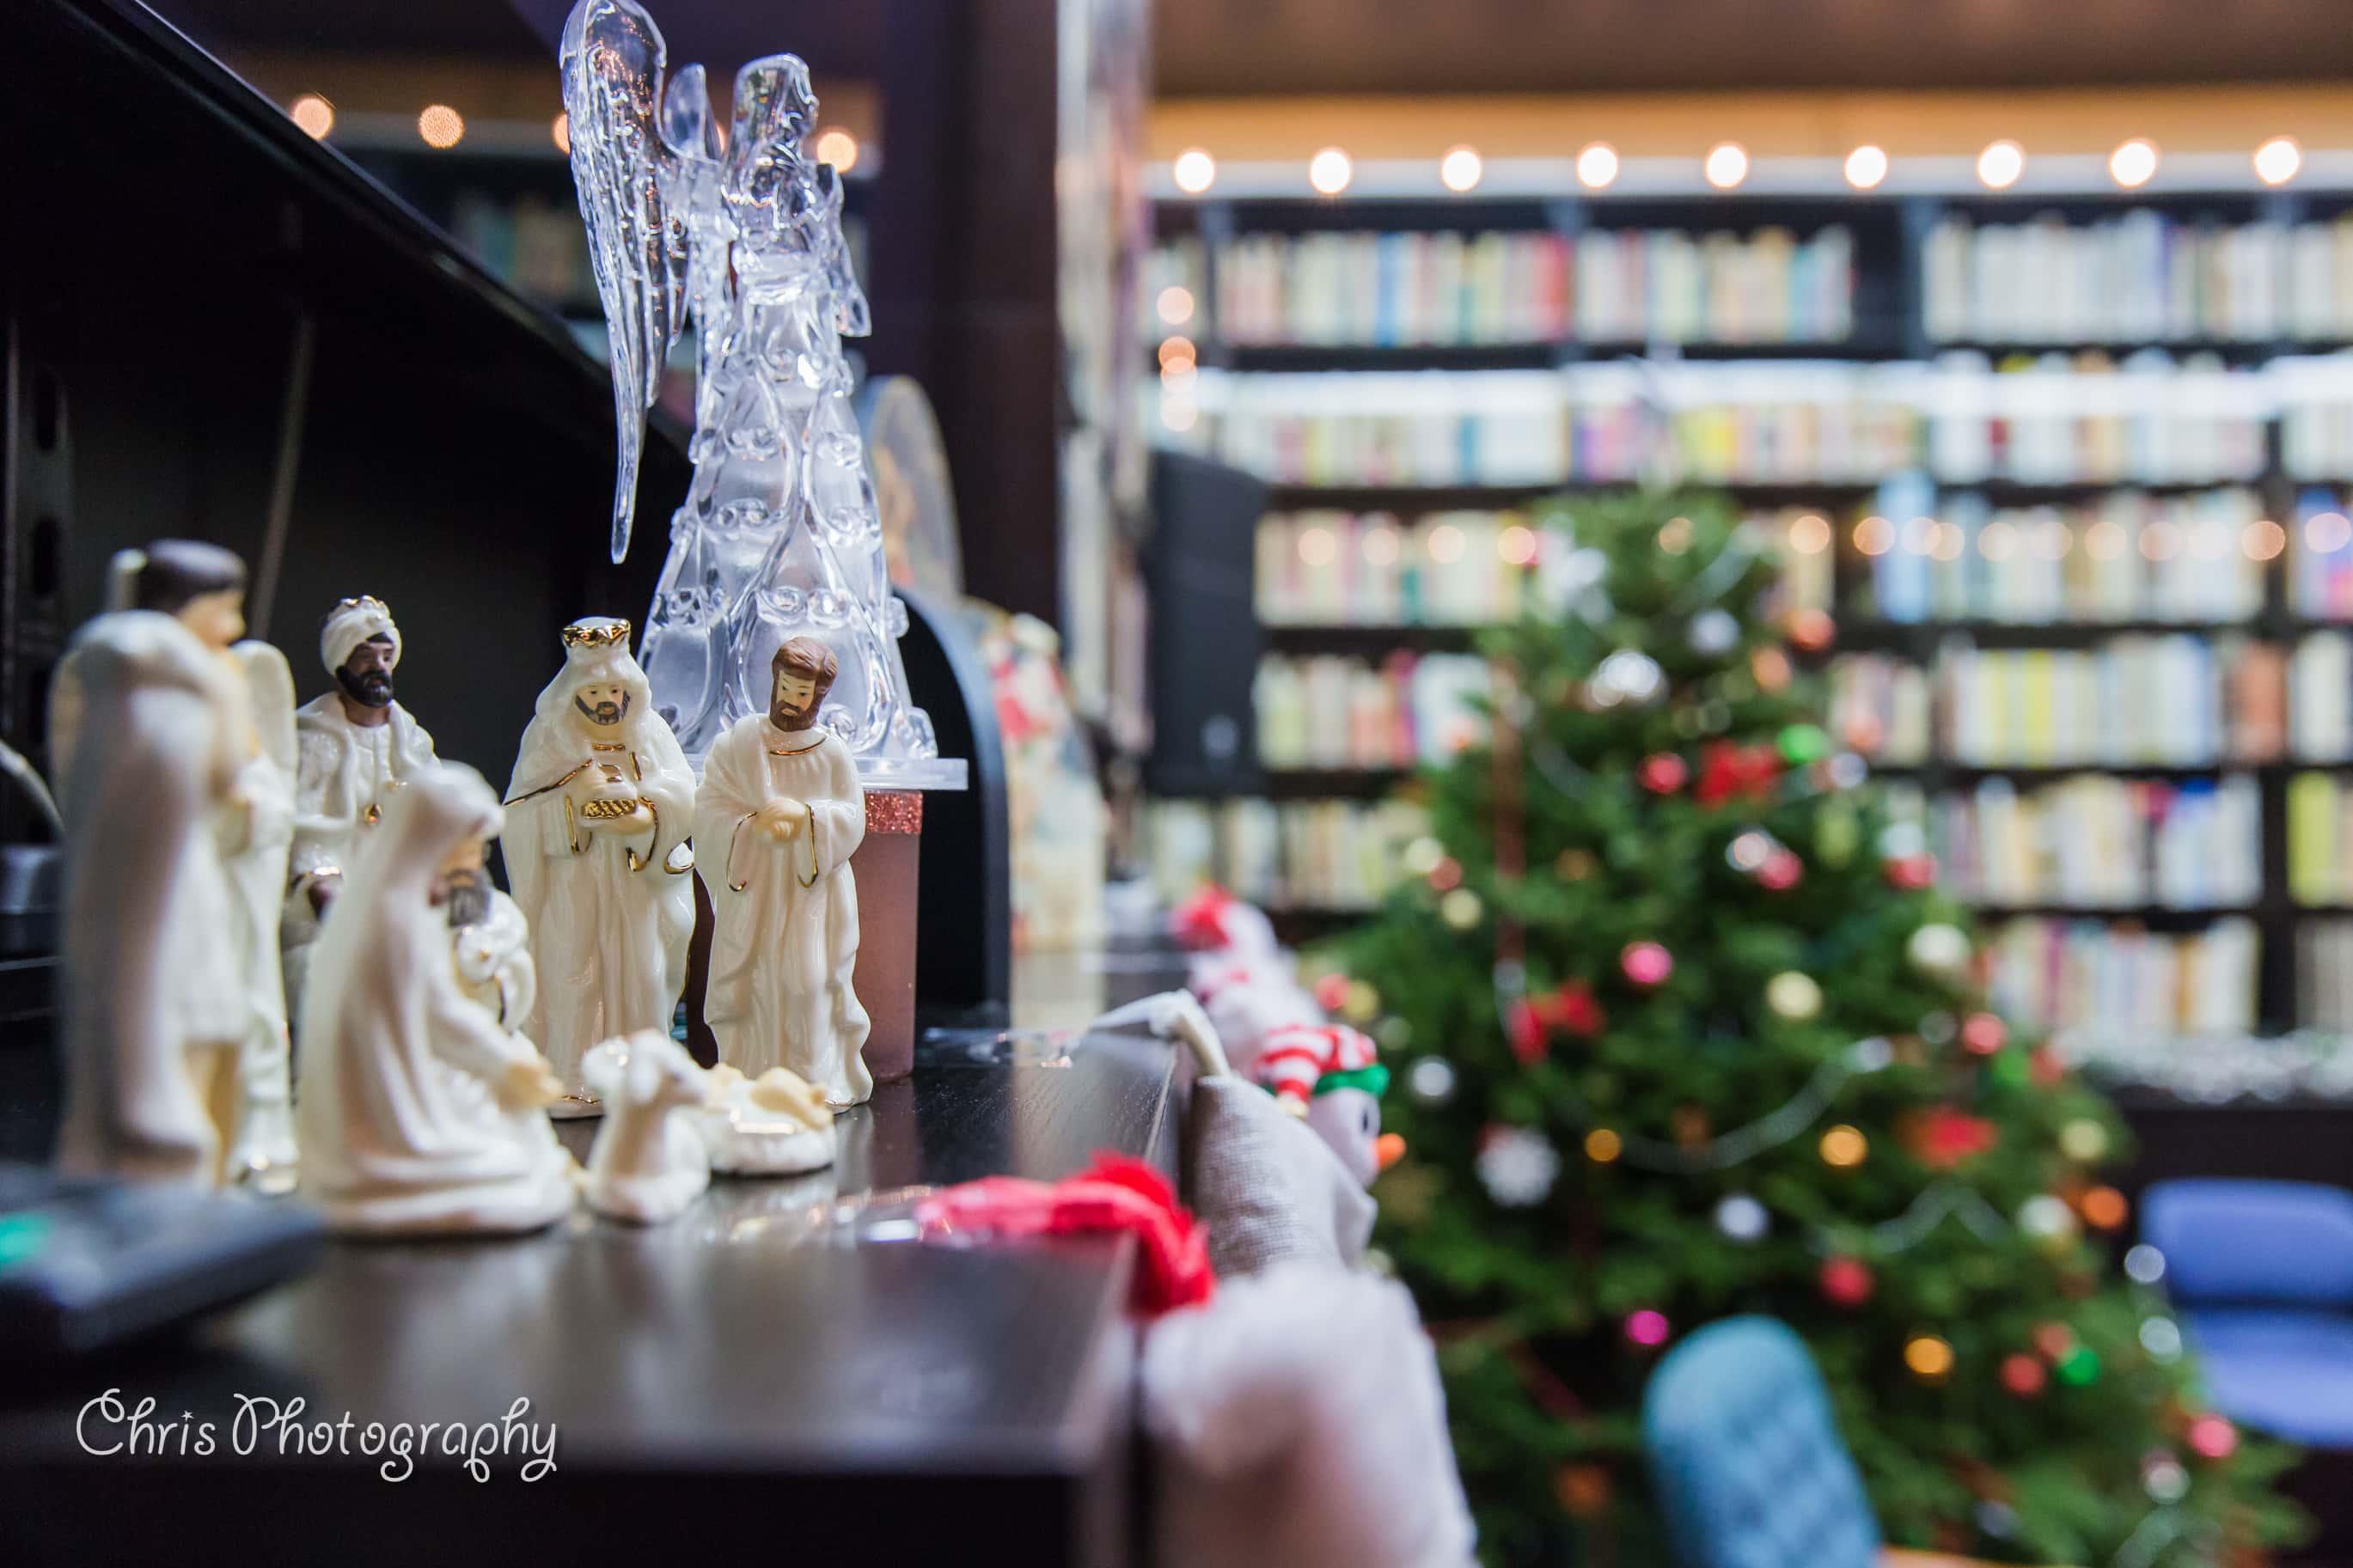 """Piticii lui ,,Moș Crăciun"""" și bucuria cadourilor la Chicago"""